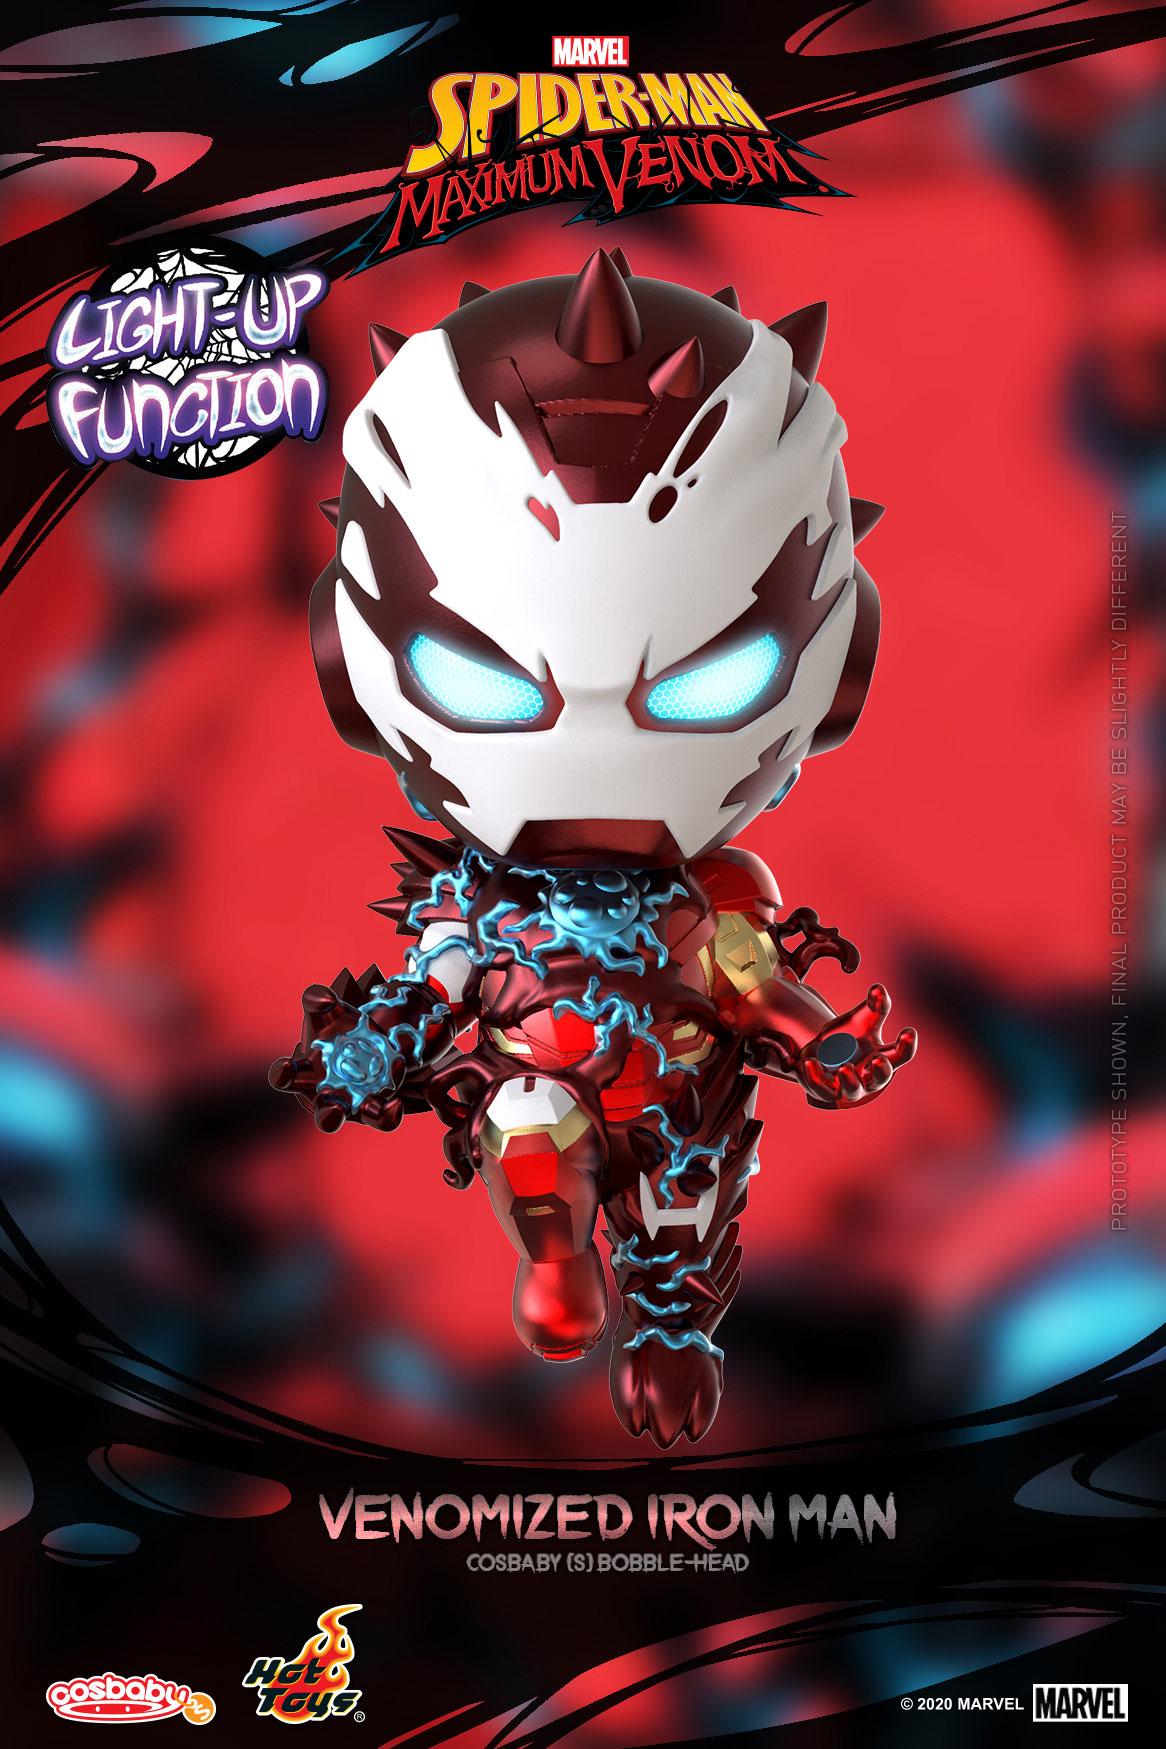 ■【コスベイビー】『スパイダーマン:マキシマム・ヴェノム』[サイズS]アイアンマン(ヴェノム版)